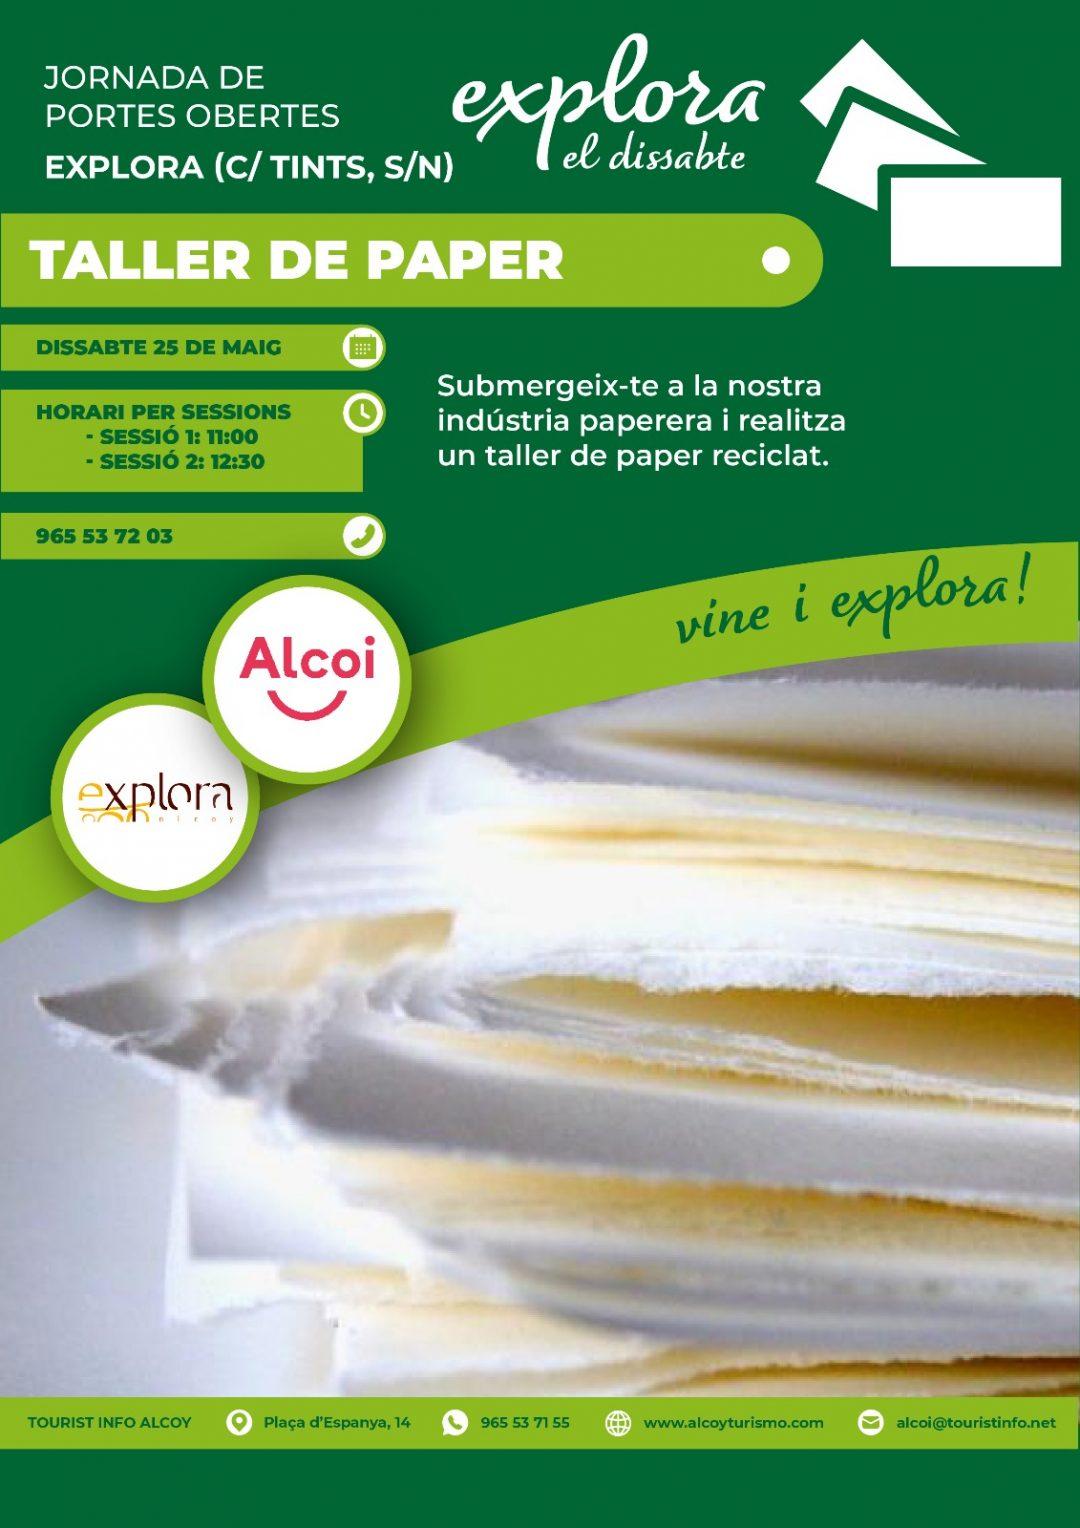 Explora el dissabte: Taller de papel